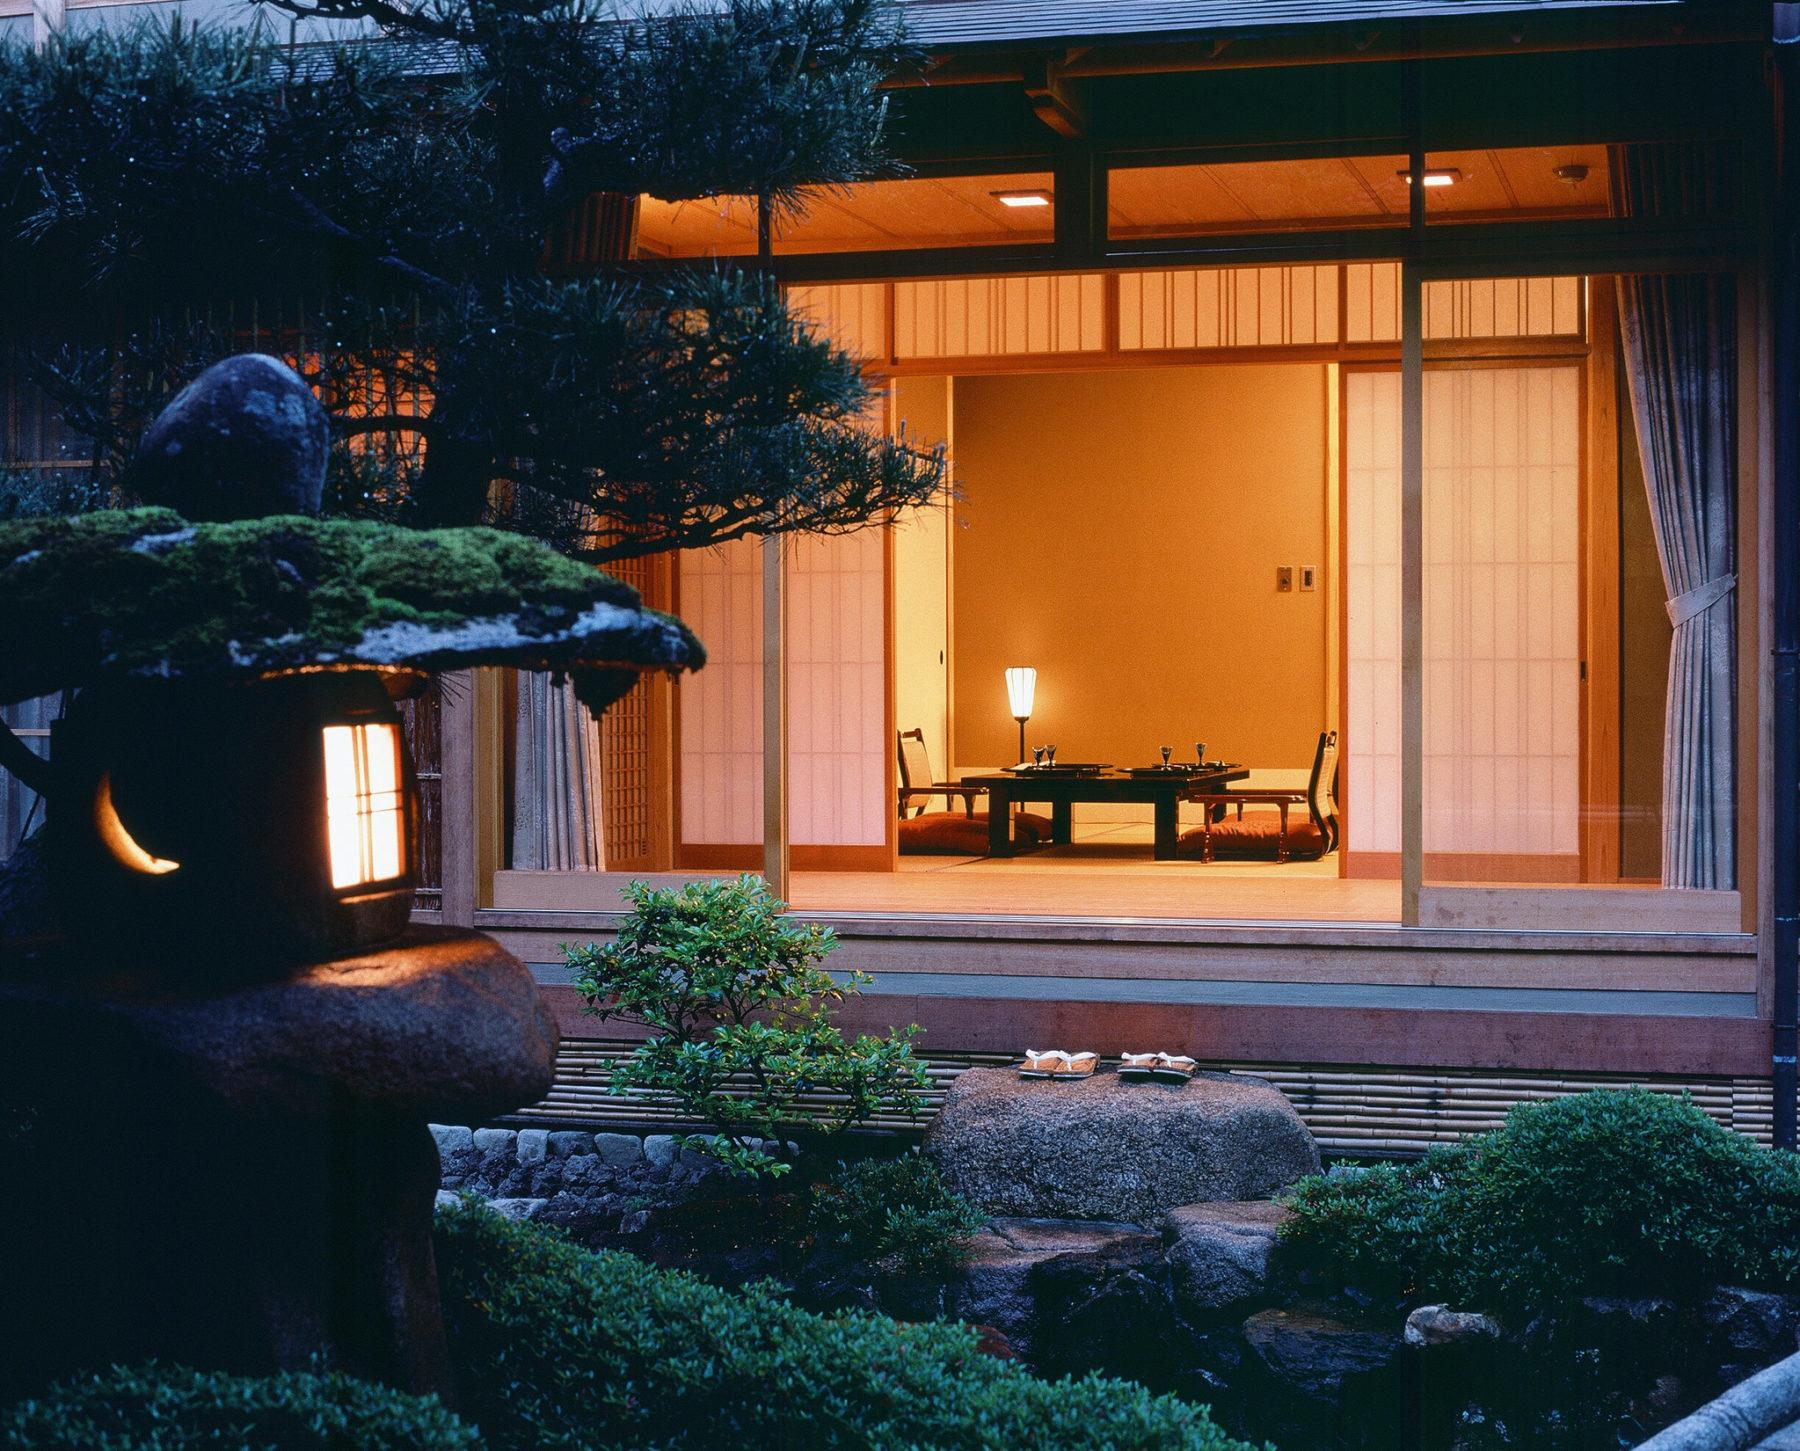 Гостиница в японском стиле